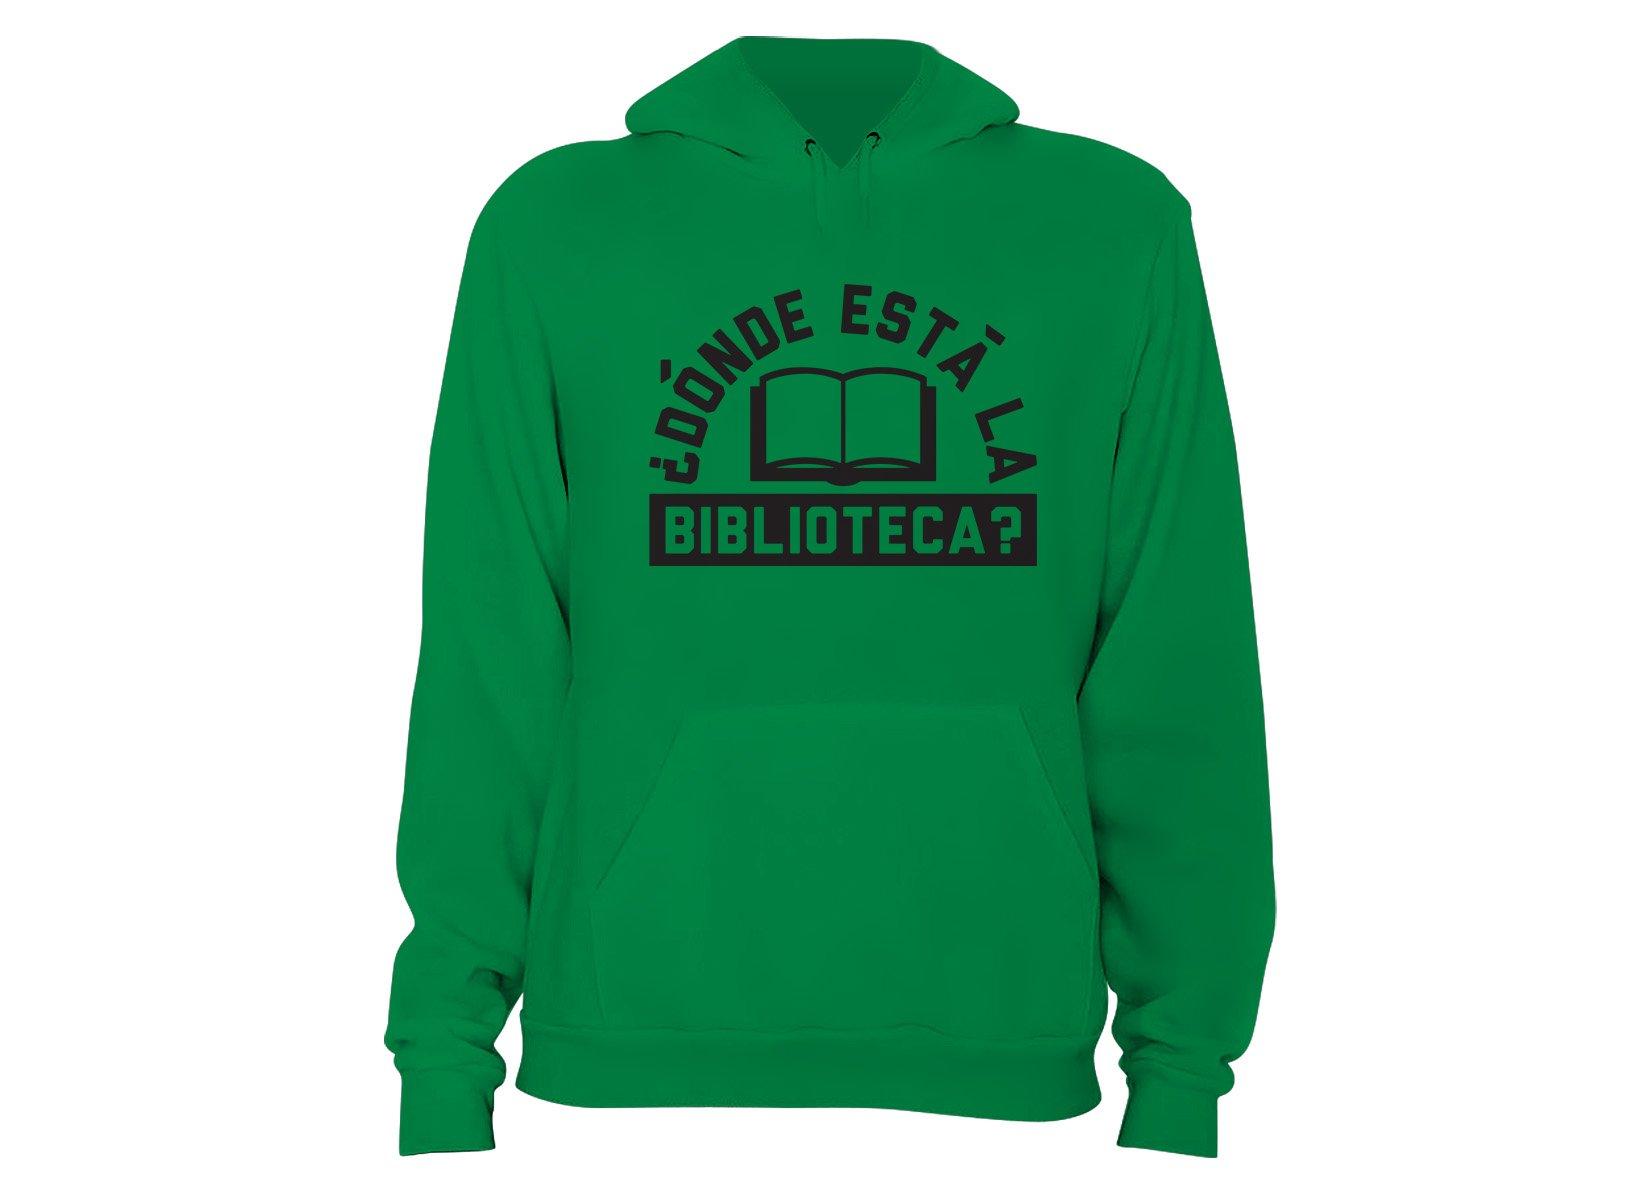 Donde Esta La Biblioteca? on Hoodie